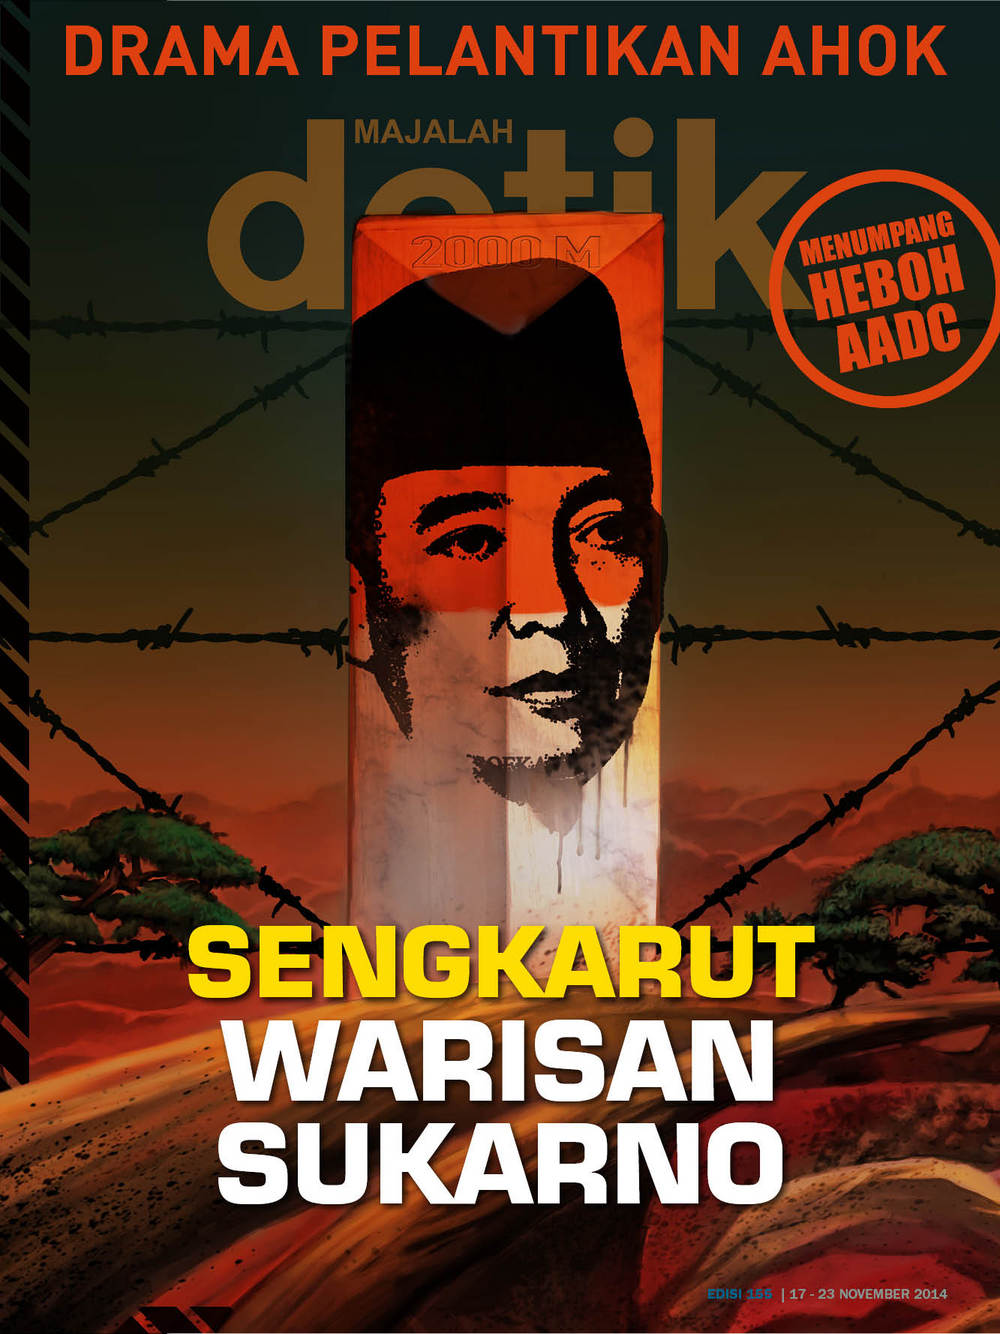 Sengkarut Warisan Sukarno